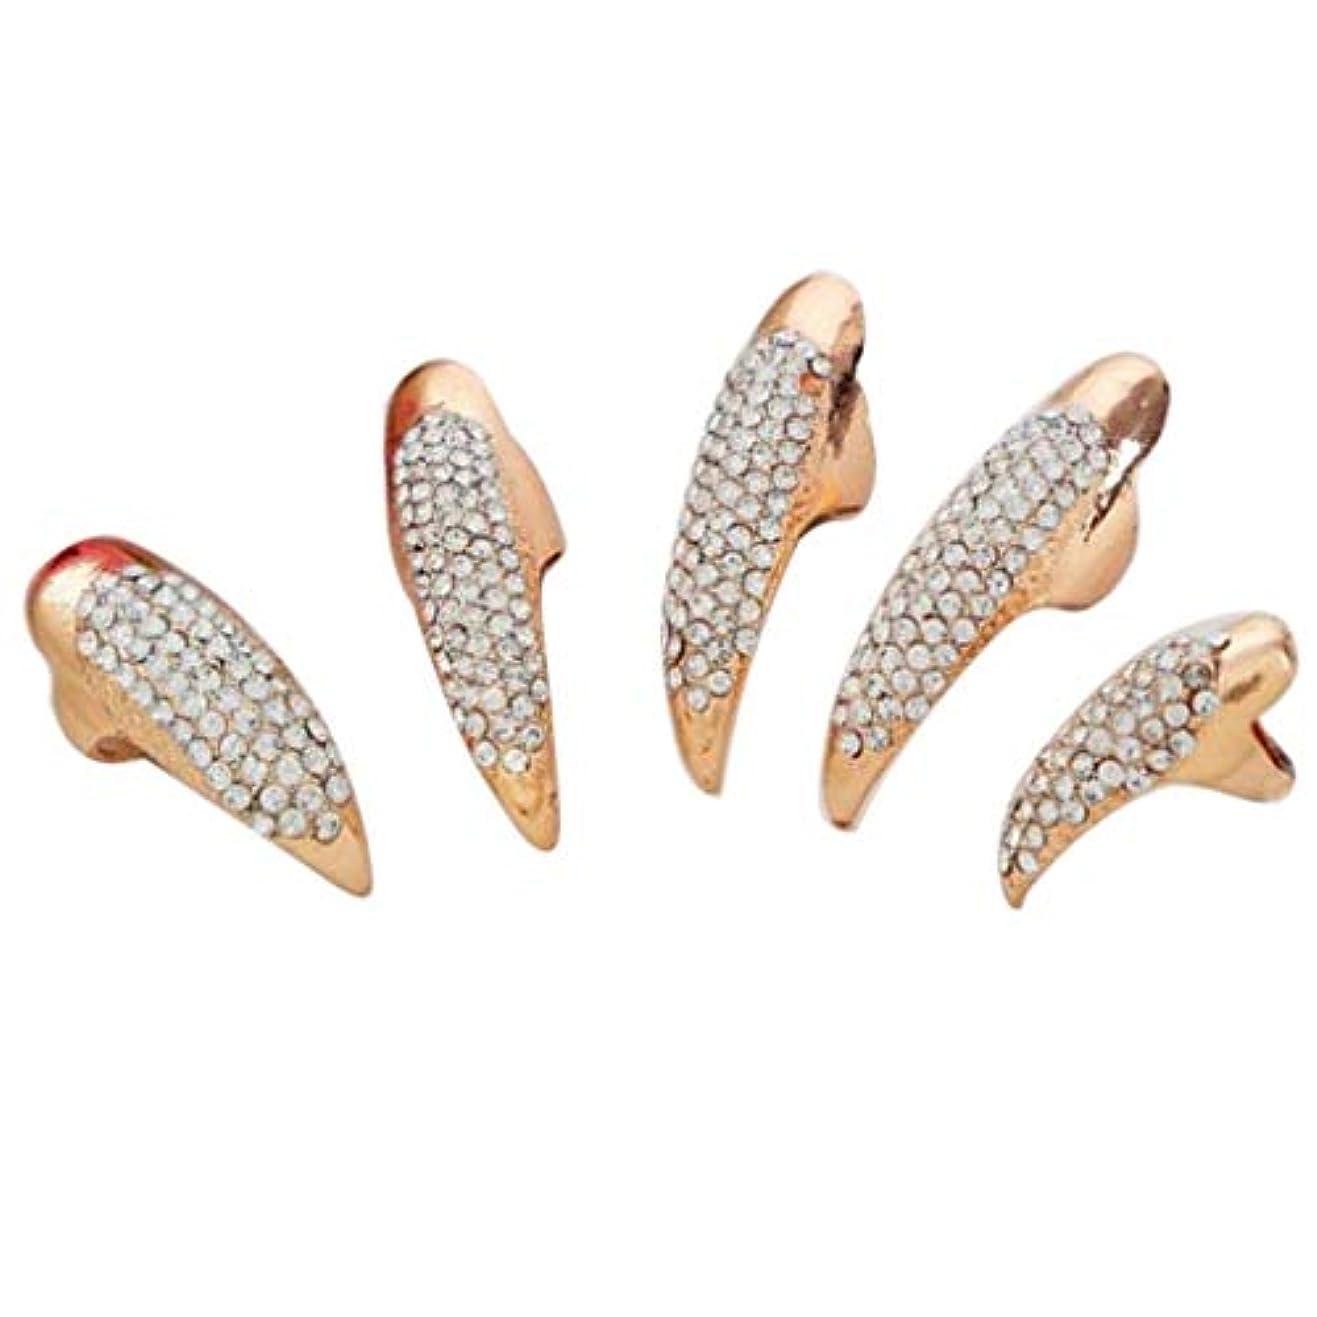 同情ファイル一目Toygogo ネイルリング チップリング 爪の指輪 指先の指輪 ネイルアート アクセサリー 2色選べ - ゴールデン